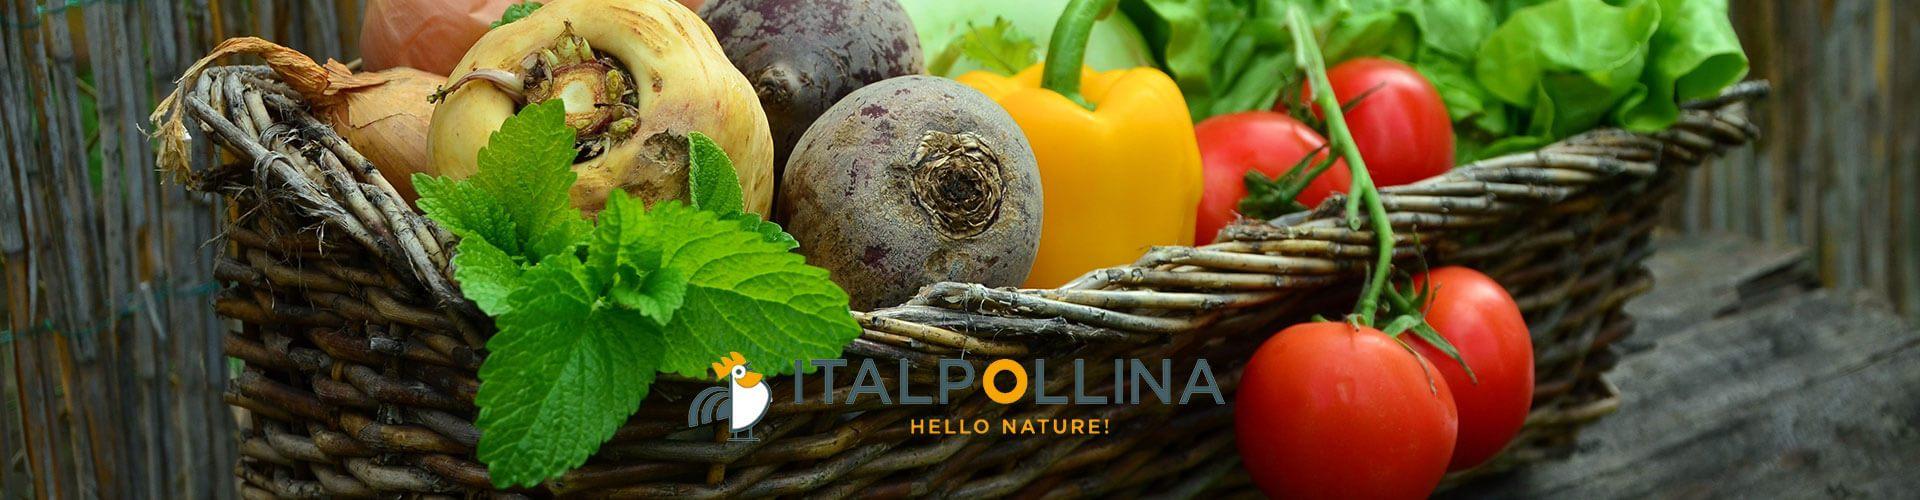 Italpollina | Grama-trgovina